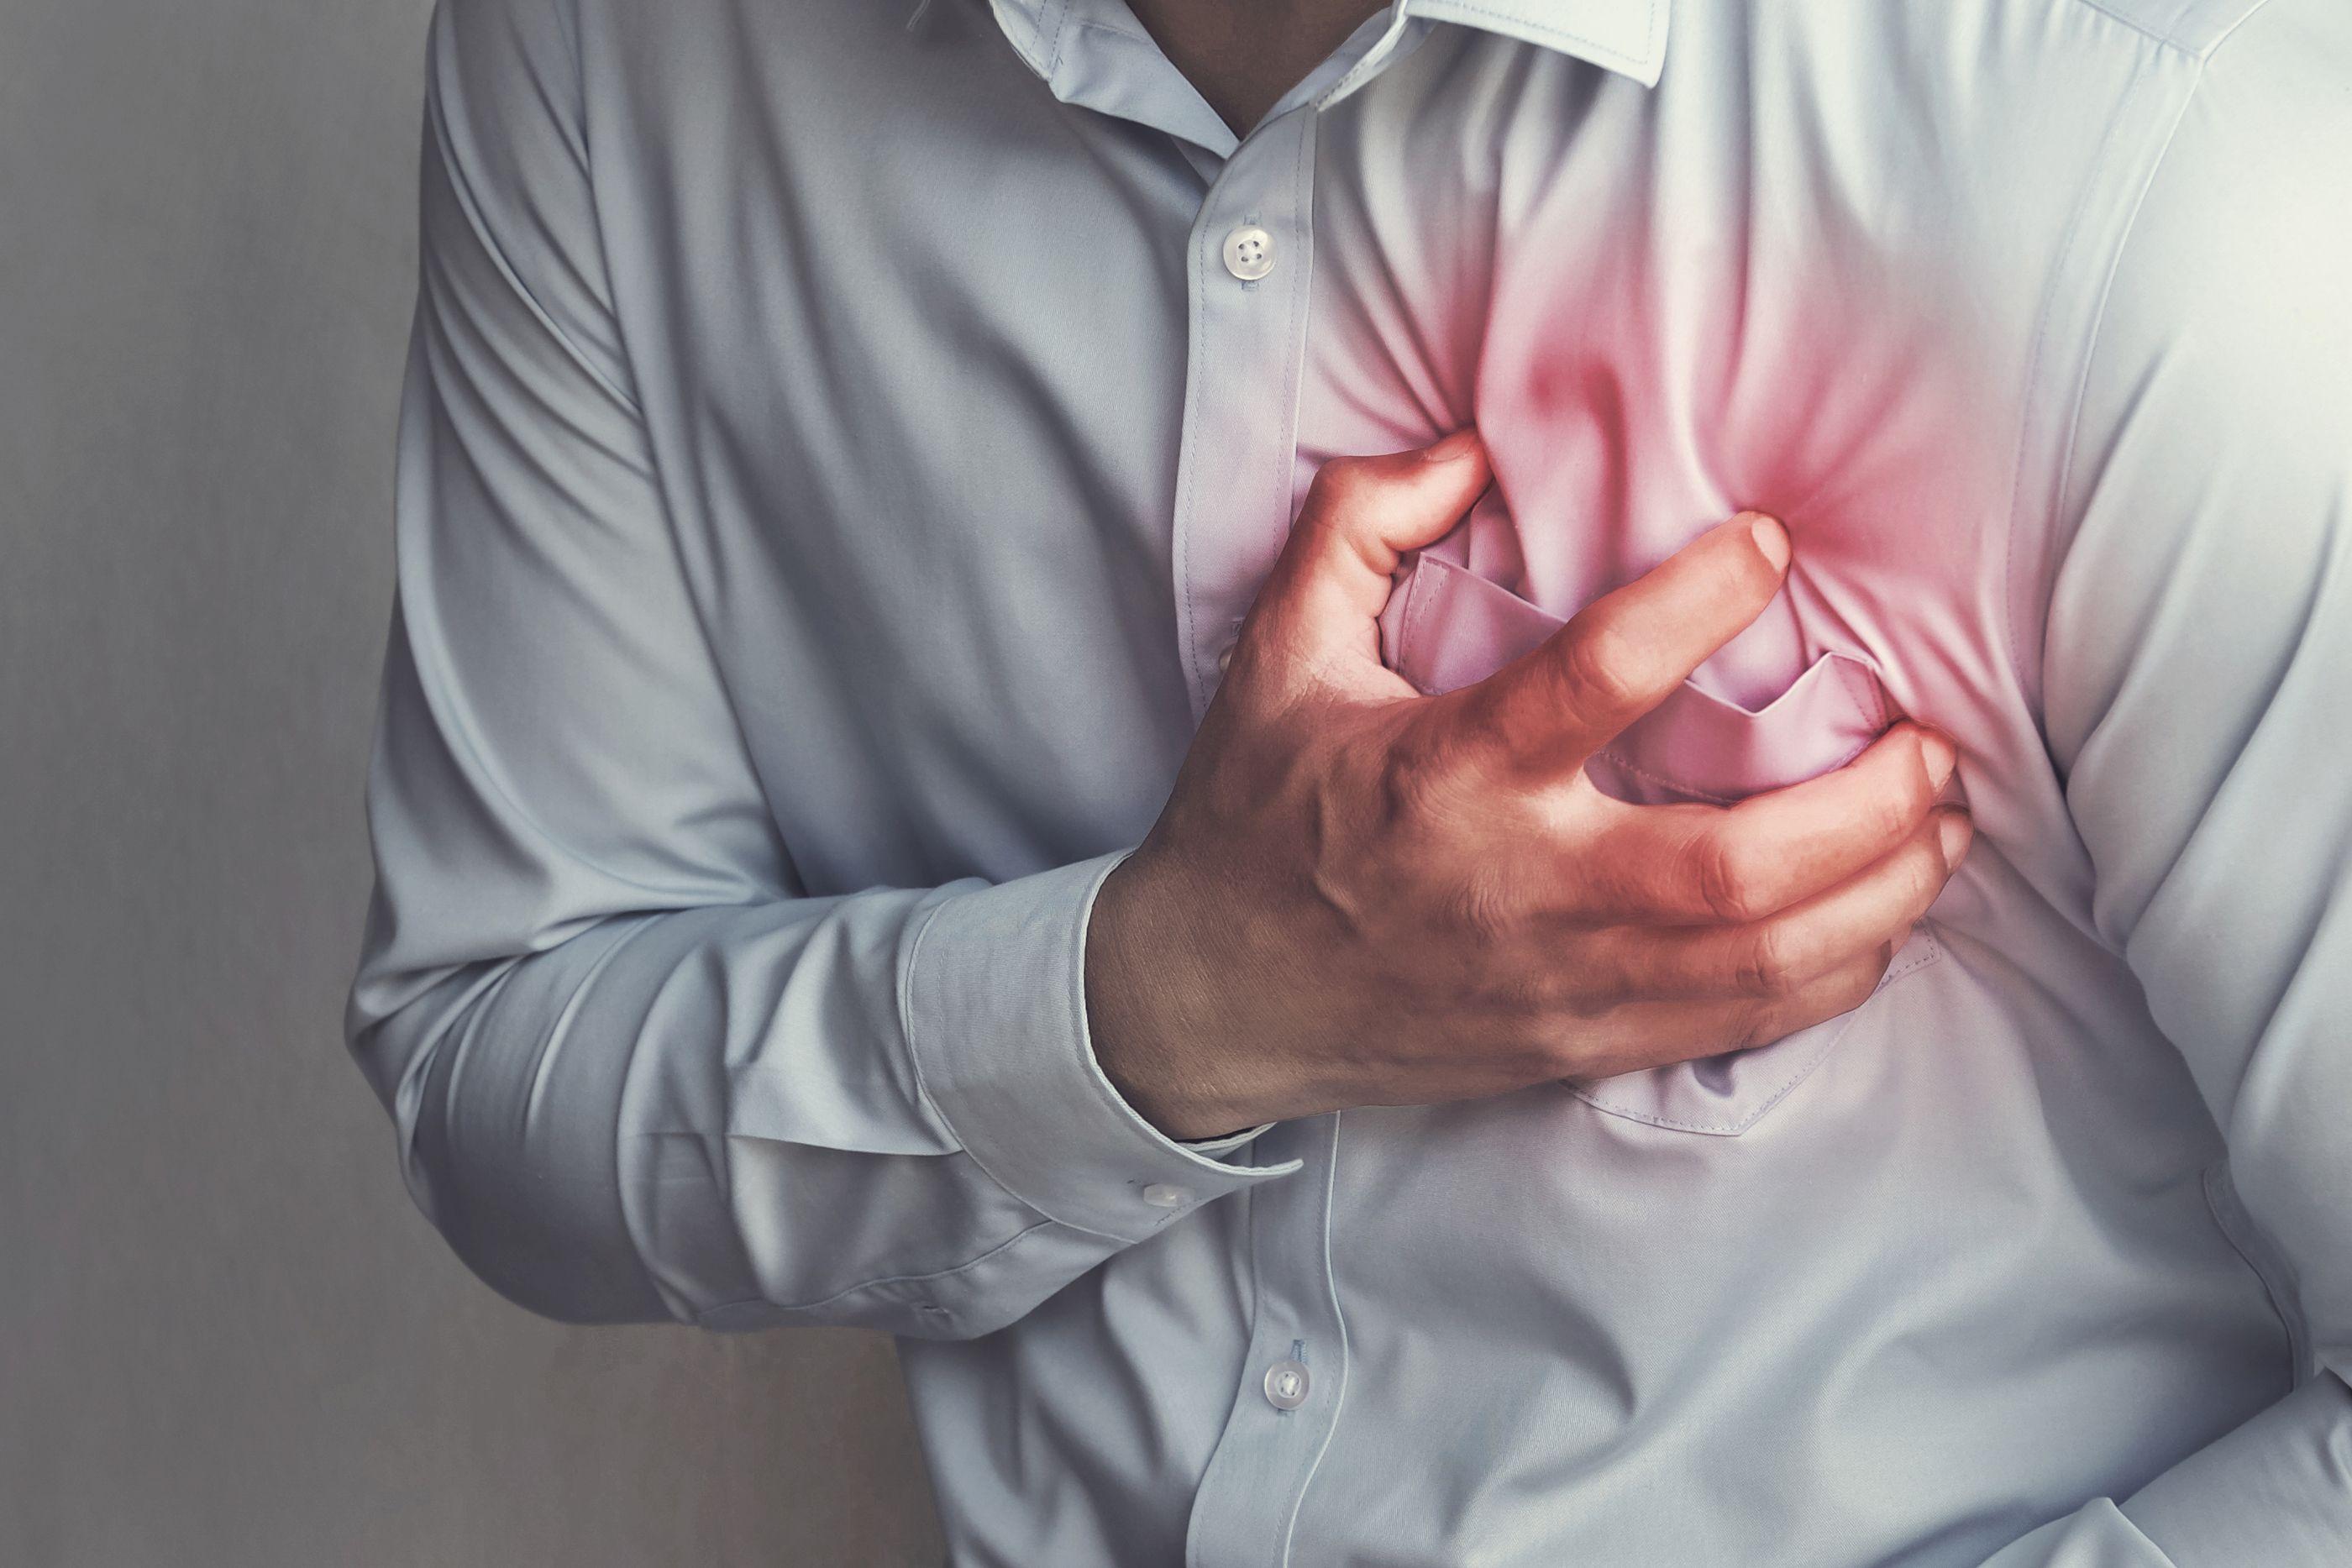 Cómo prevenir o reconocer los síntomas de un infarto agudo del miocardio  durante la pandemia?   Salud   La Revista   El Universo